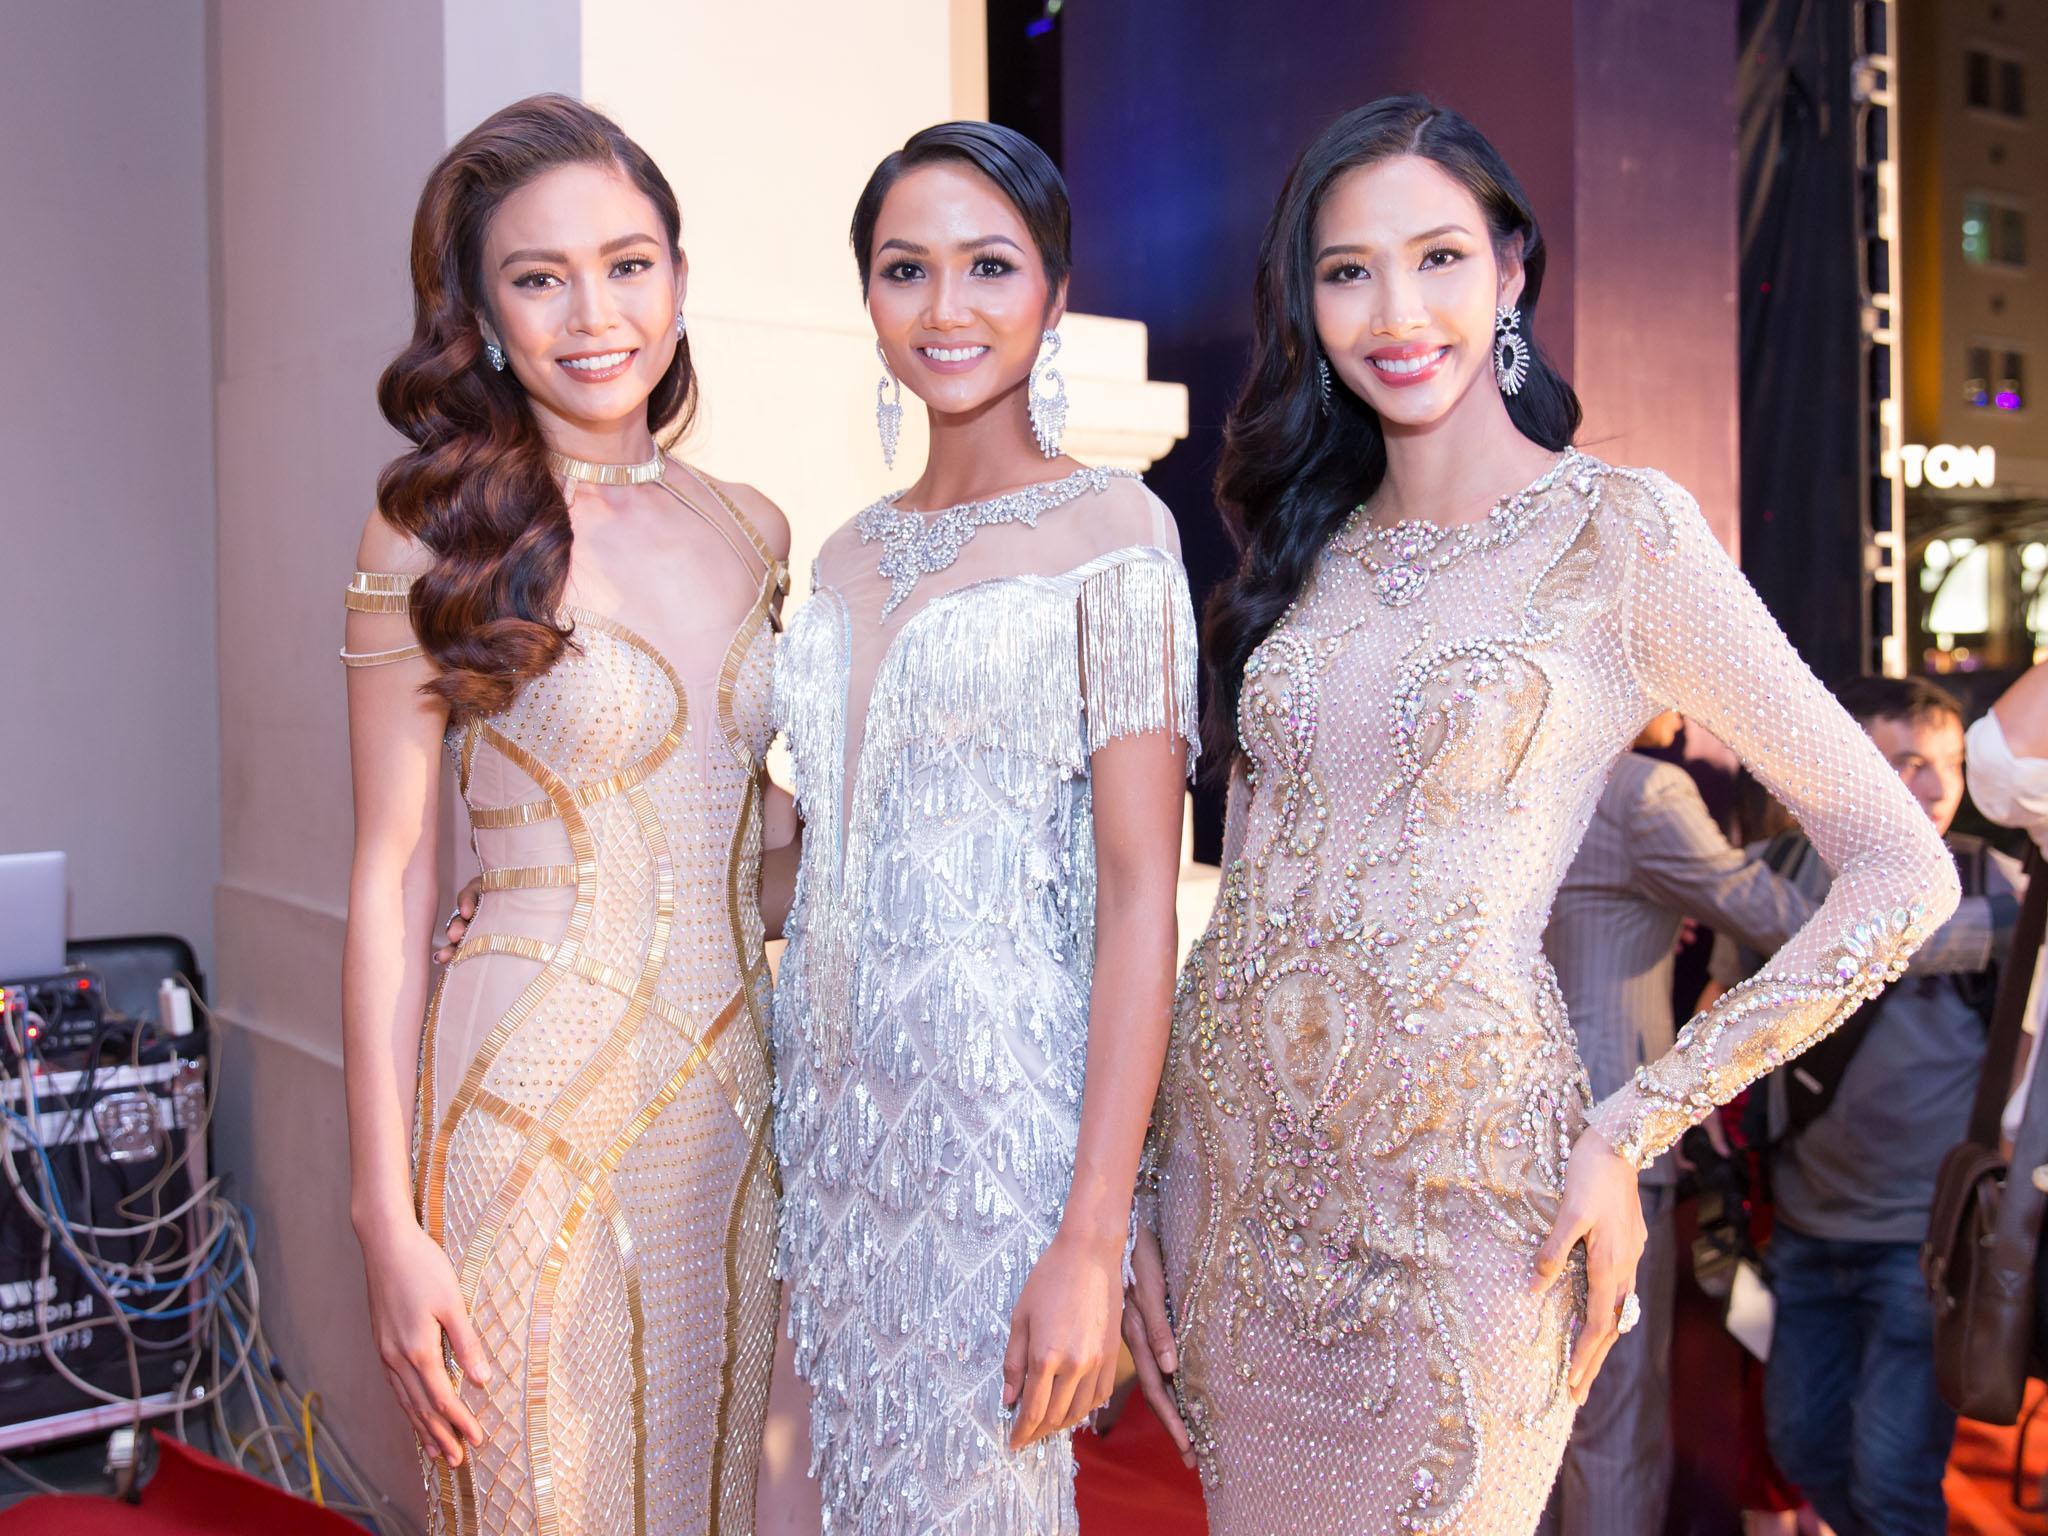 Hoa hậu HHen Niê đọ sắc cùng Hoàng Thùy và Mâu Thủy trên thảm đỏ Ngôi sao xanh-1